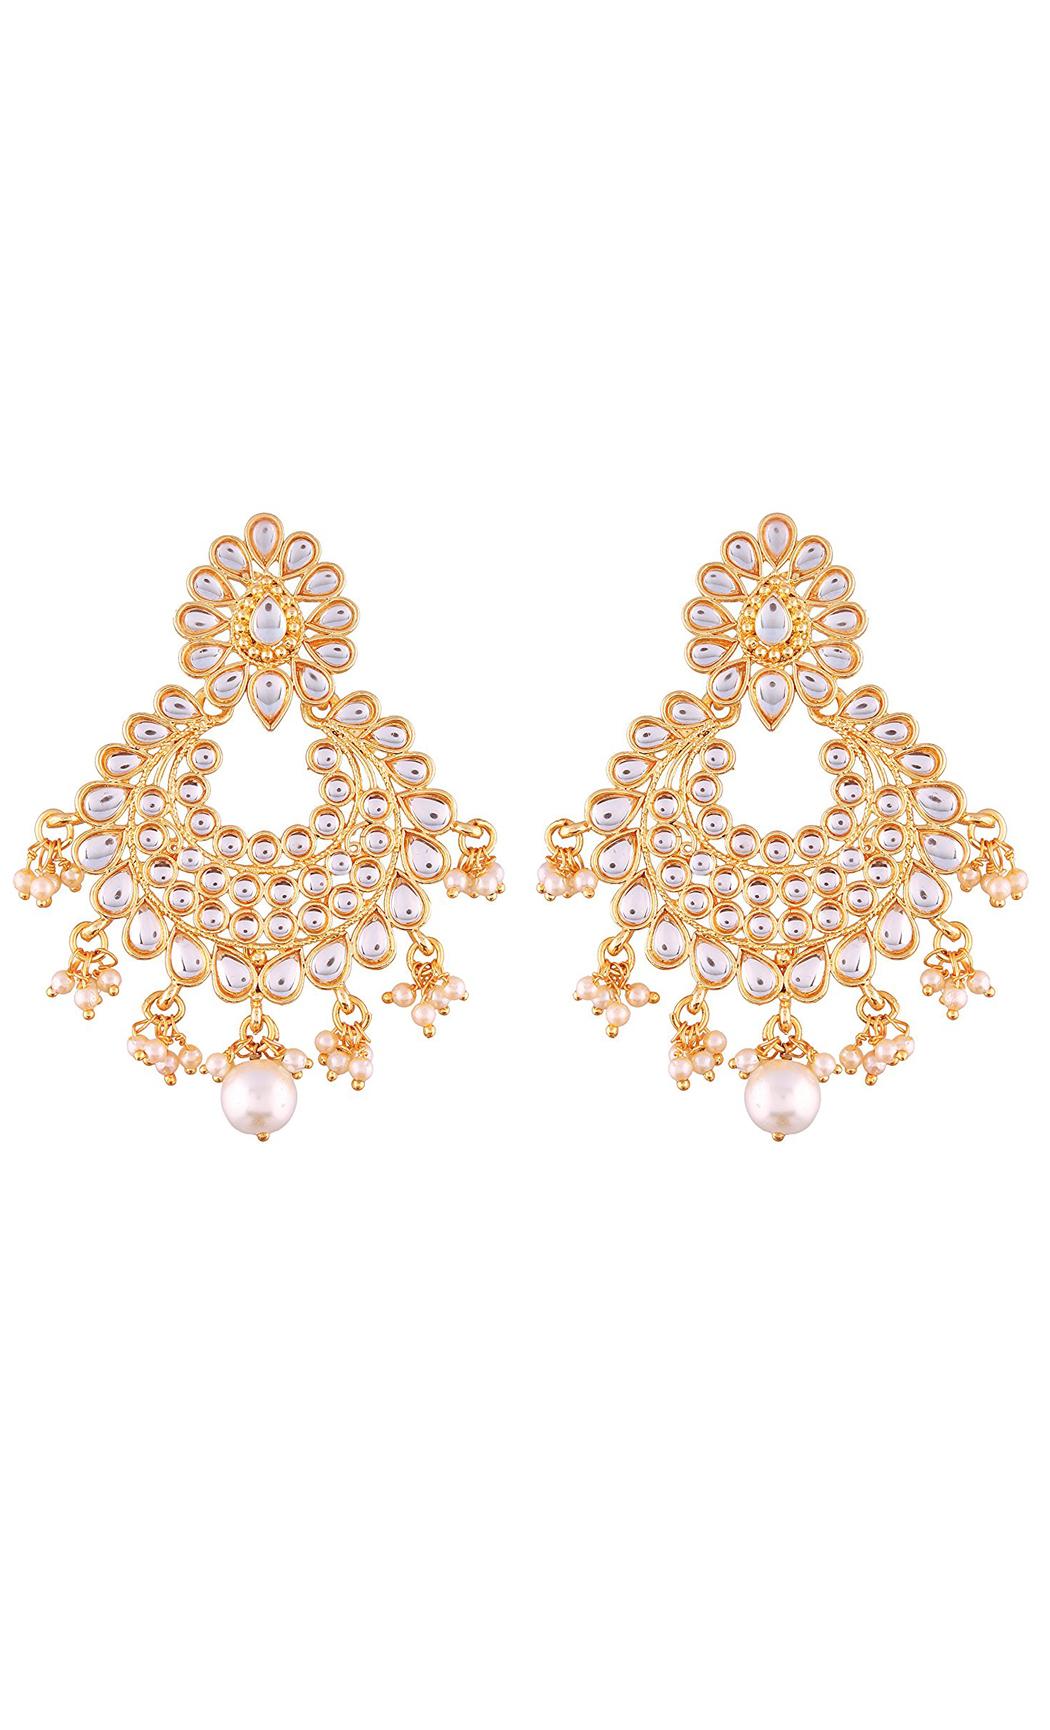 Kundan and Pearl Chandbalis - Shop Online